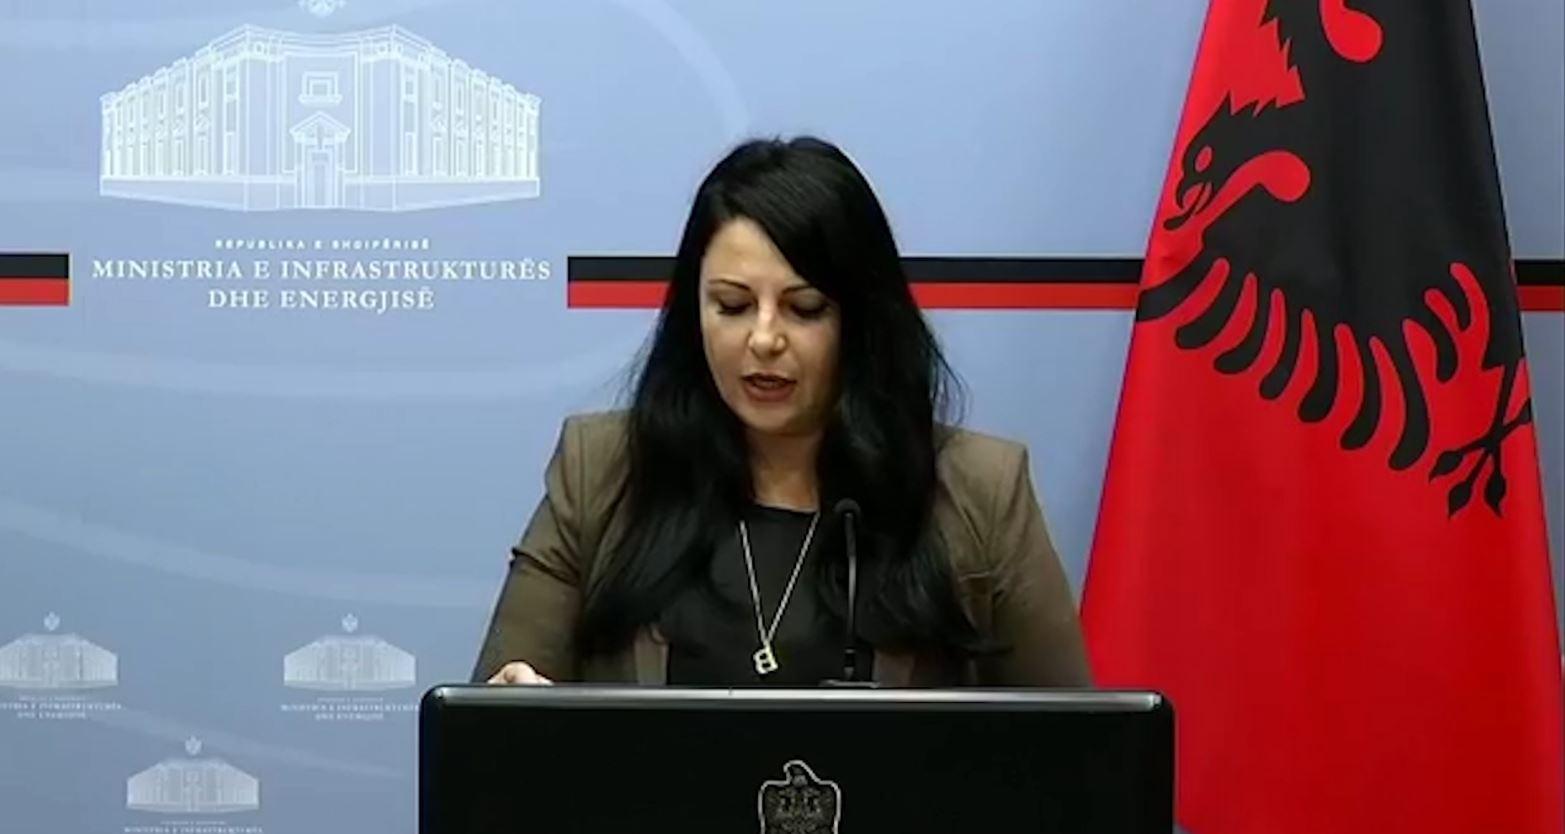 Krijohet bursa shqiptare e energjisë